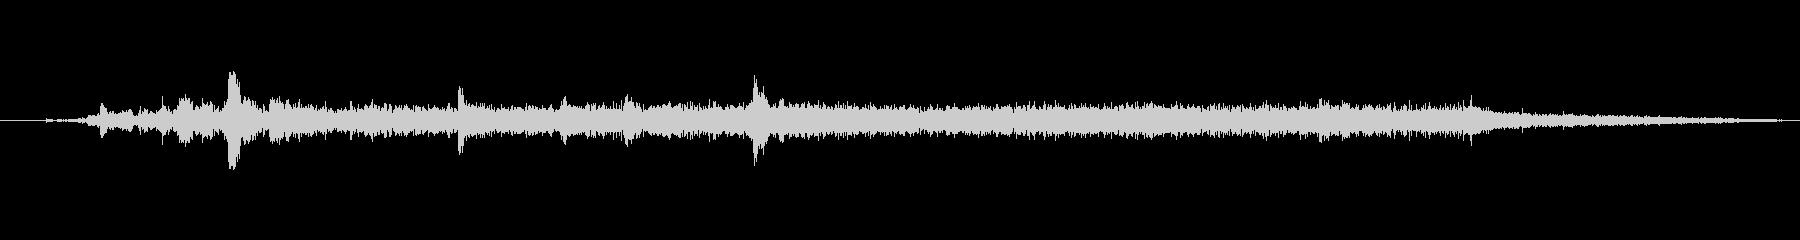 ゼロックスマシンコピードキュメント。の未再生の波形